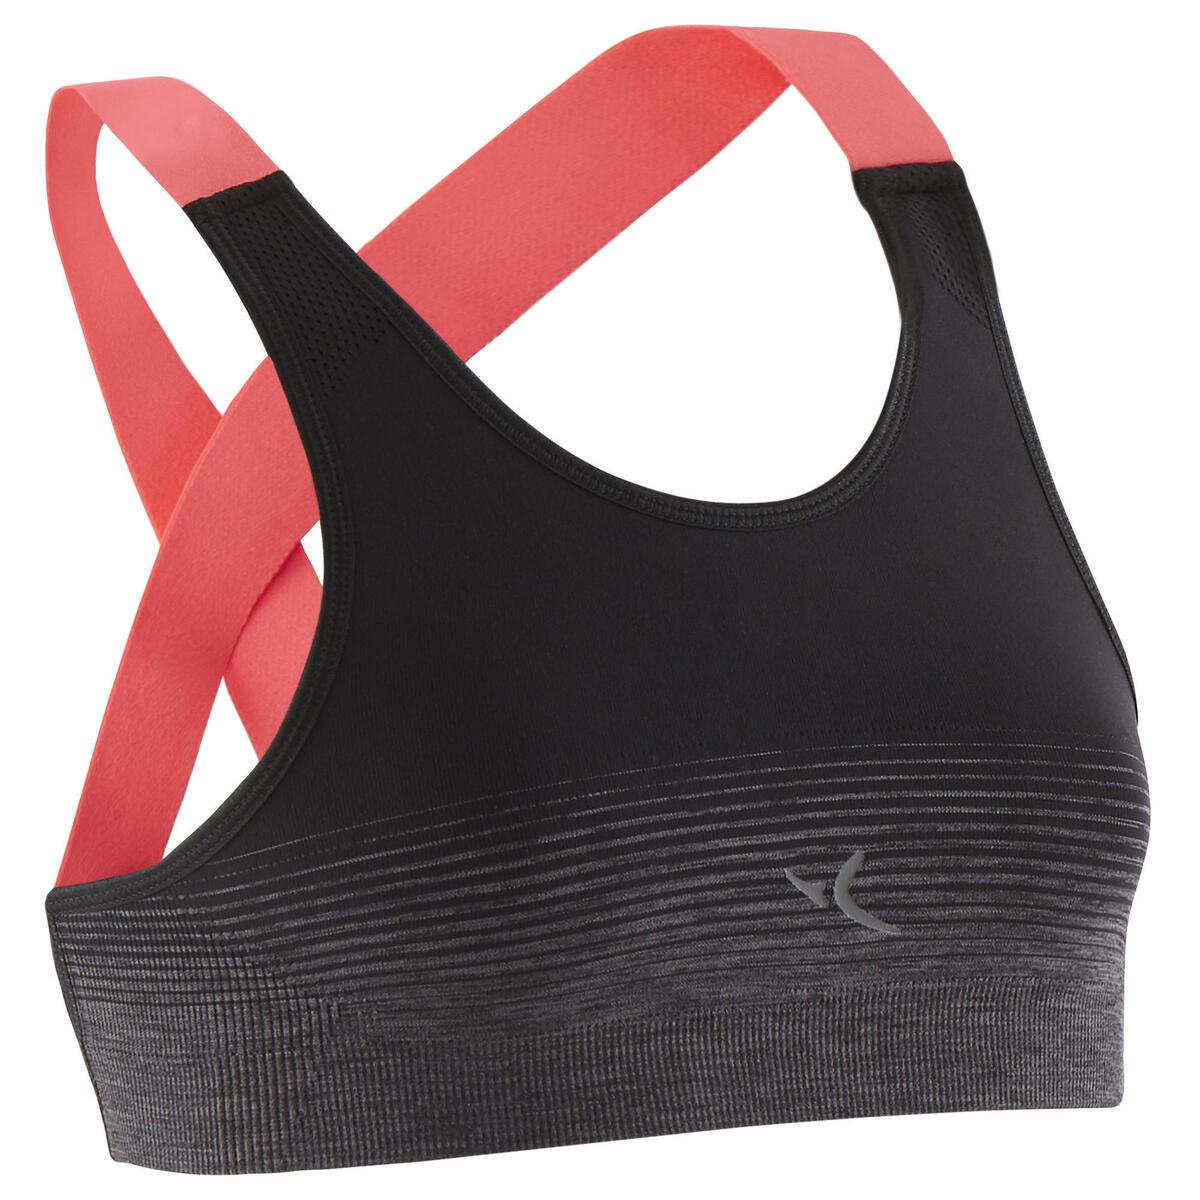 Bild 1 von Sport-Bustier atmungsaktiv und funktional S900 Gym Mädchen schwarz/rosa Träger